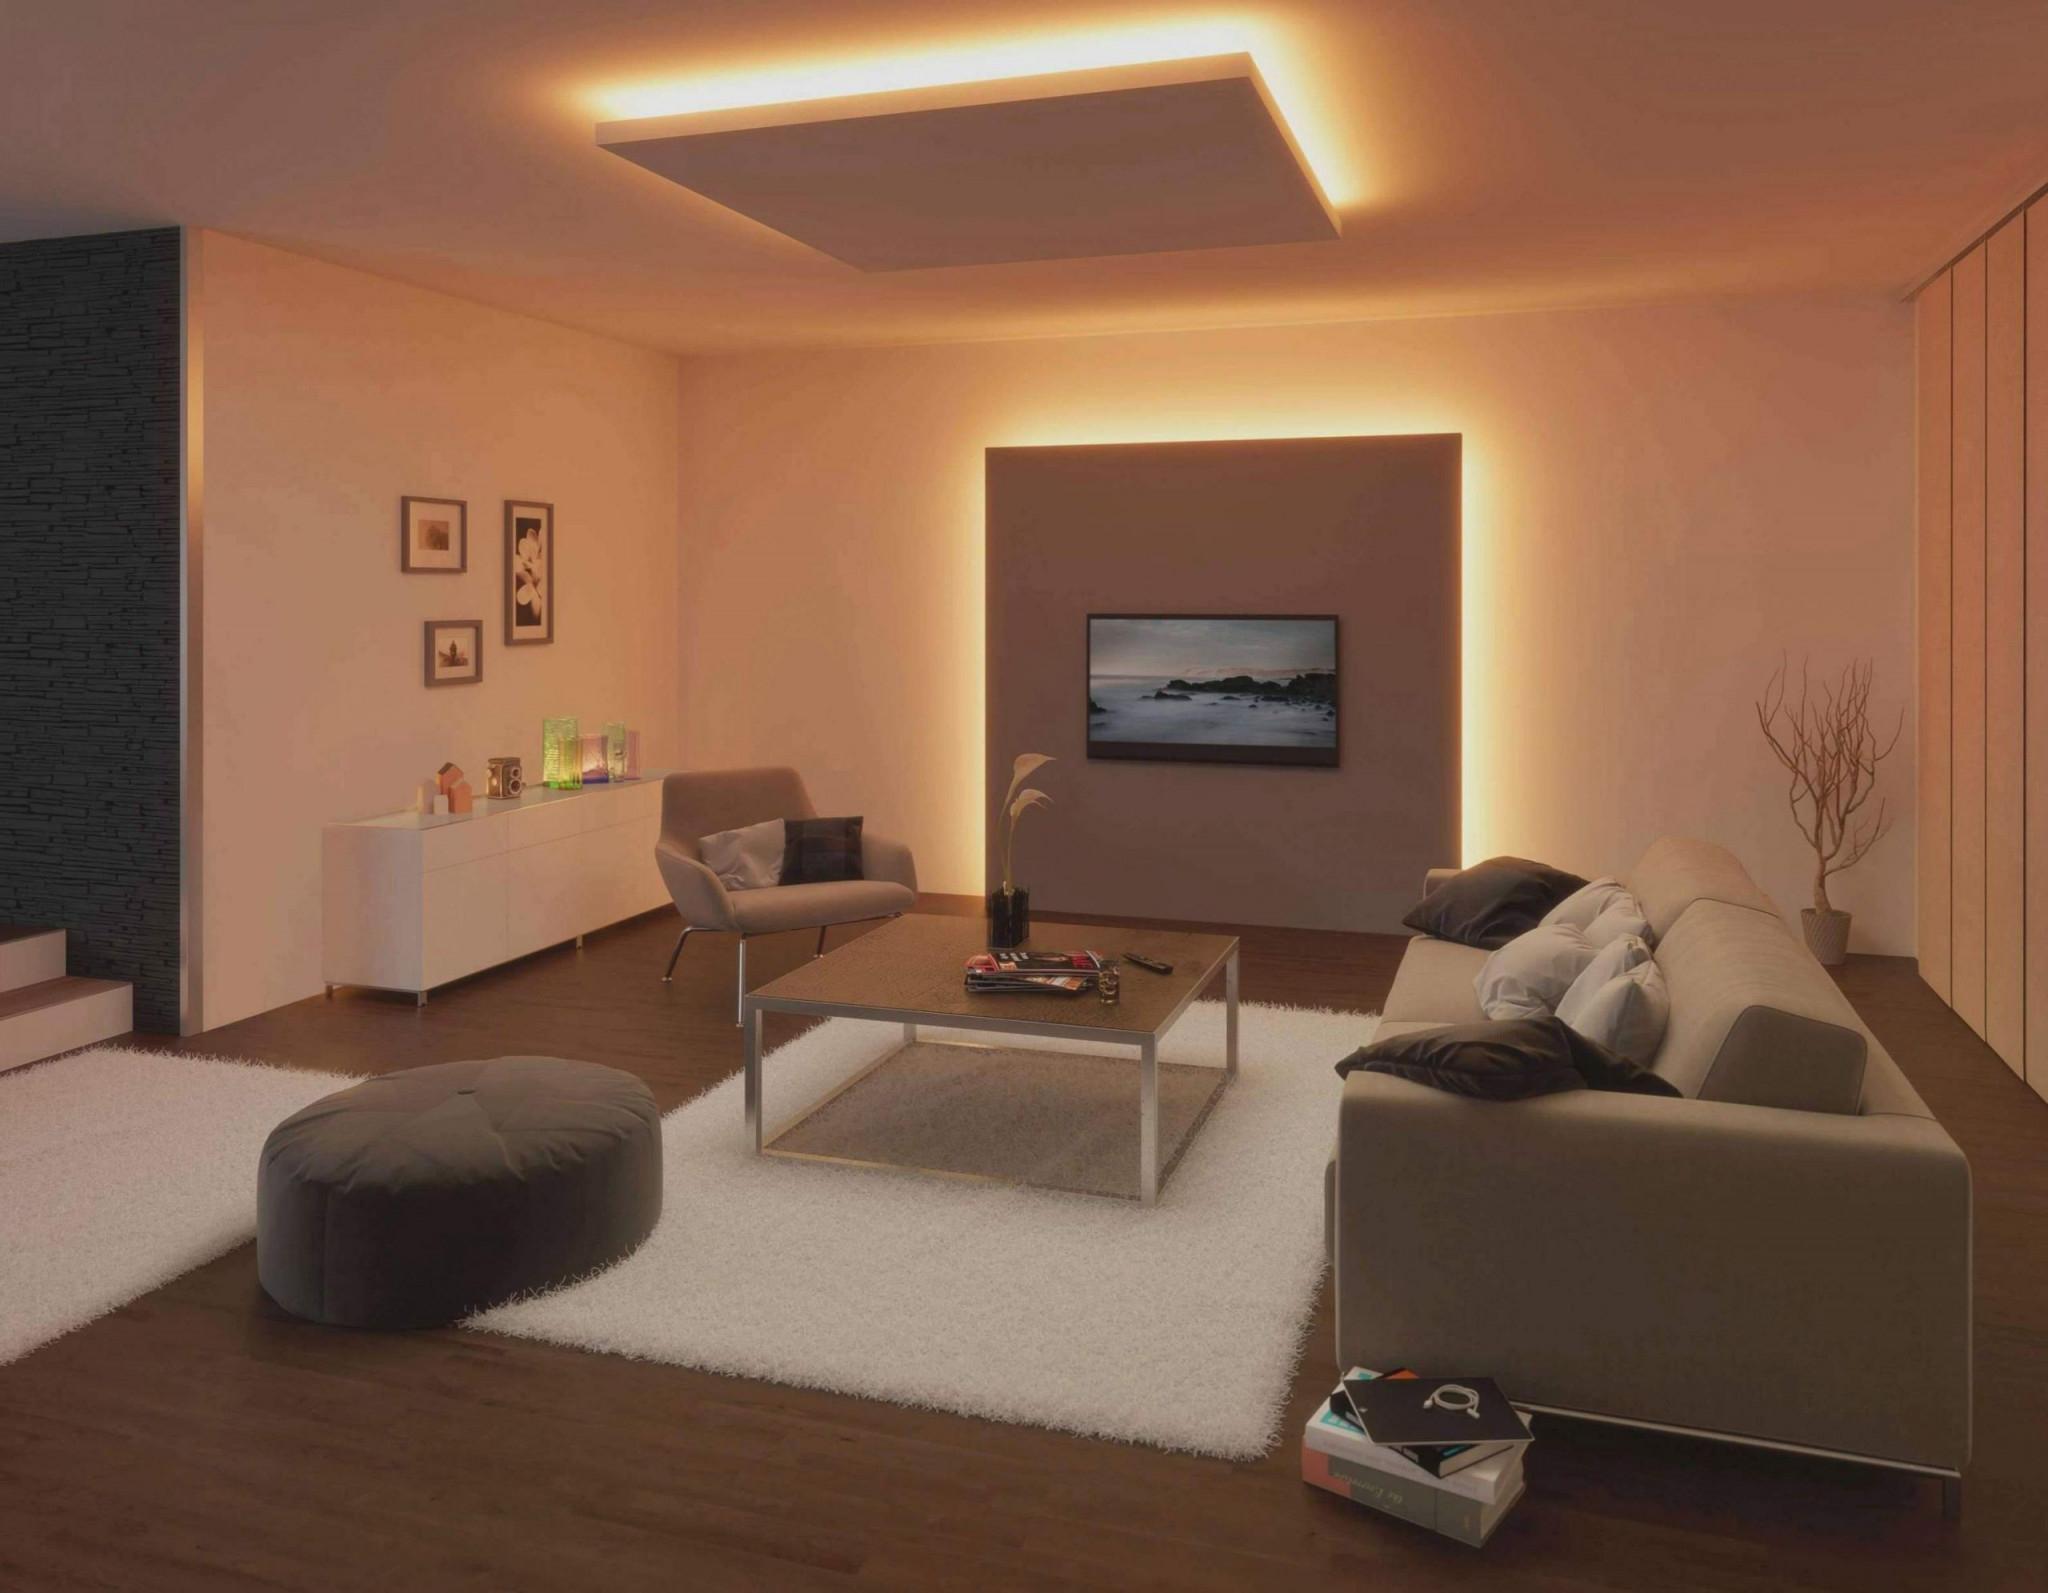 Moderne Wohnzimmer Bilder Inspirierend Lampen Wohnzimmer von Bilder Modern Für Wohnzimmer Photo